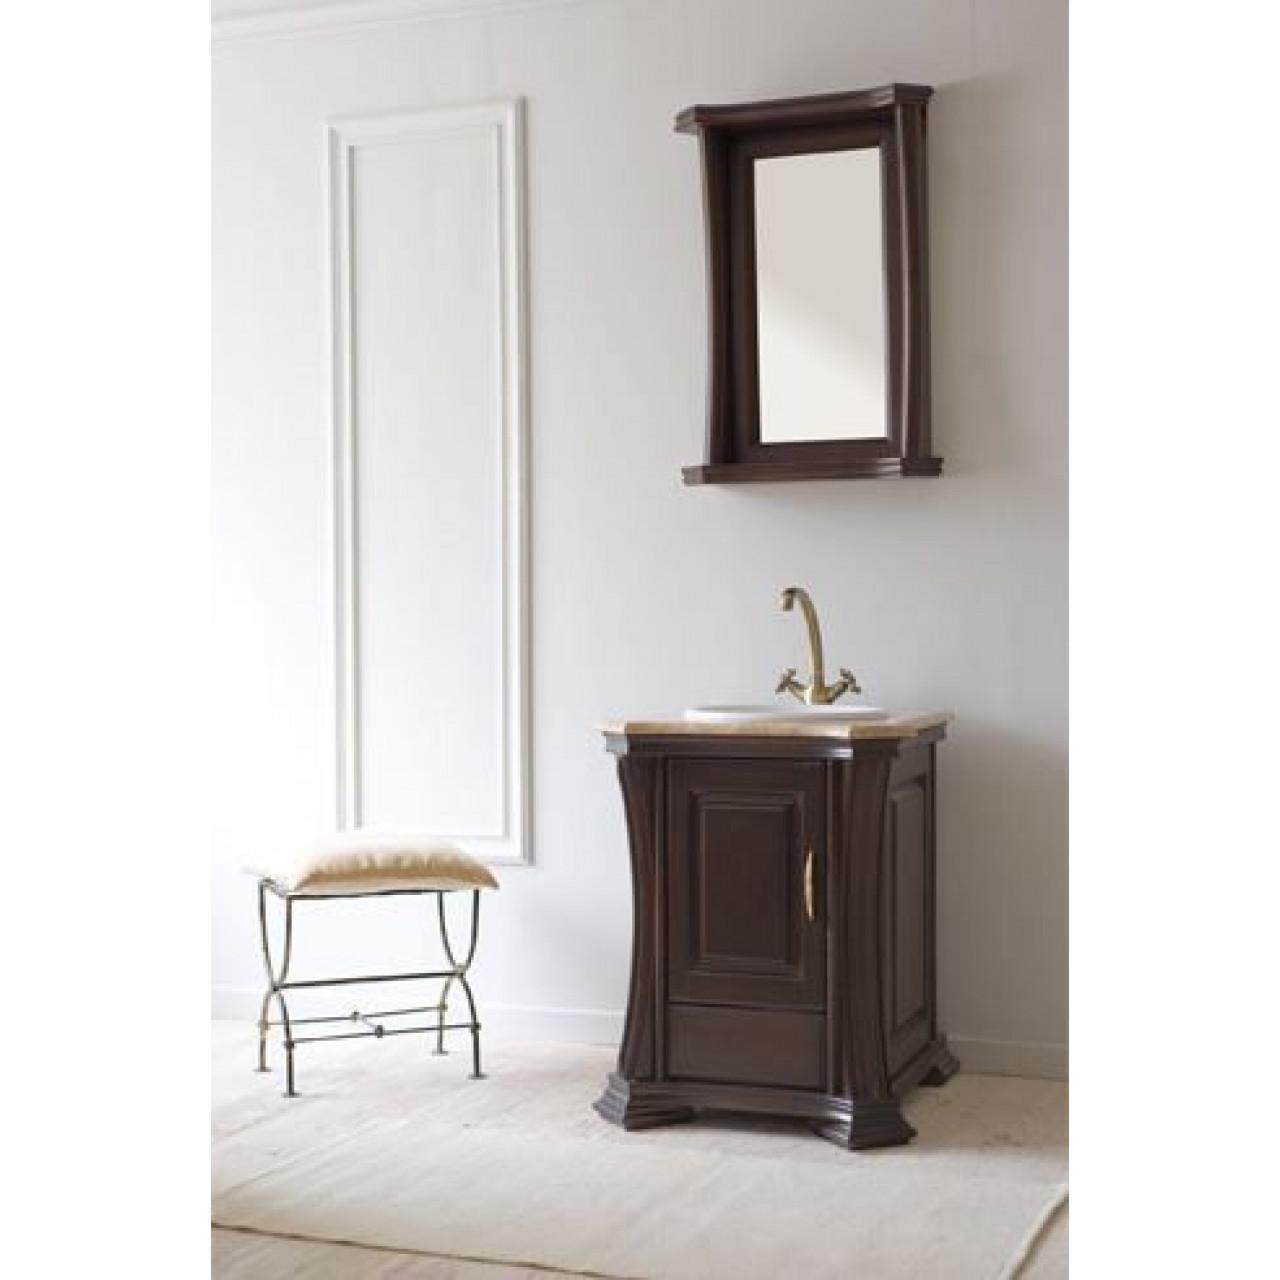 Комплект мебели Аллигатор Классик 55B зеркало в раме купить в Москве по цене от 65500р. в интернет-магазине mebel-v-vannu.ru